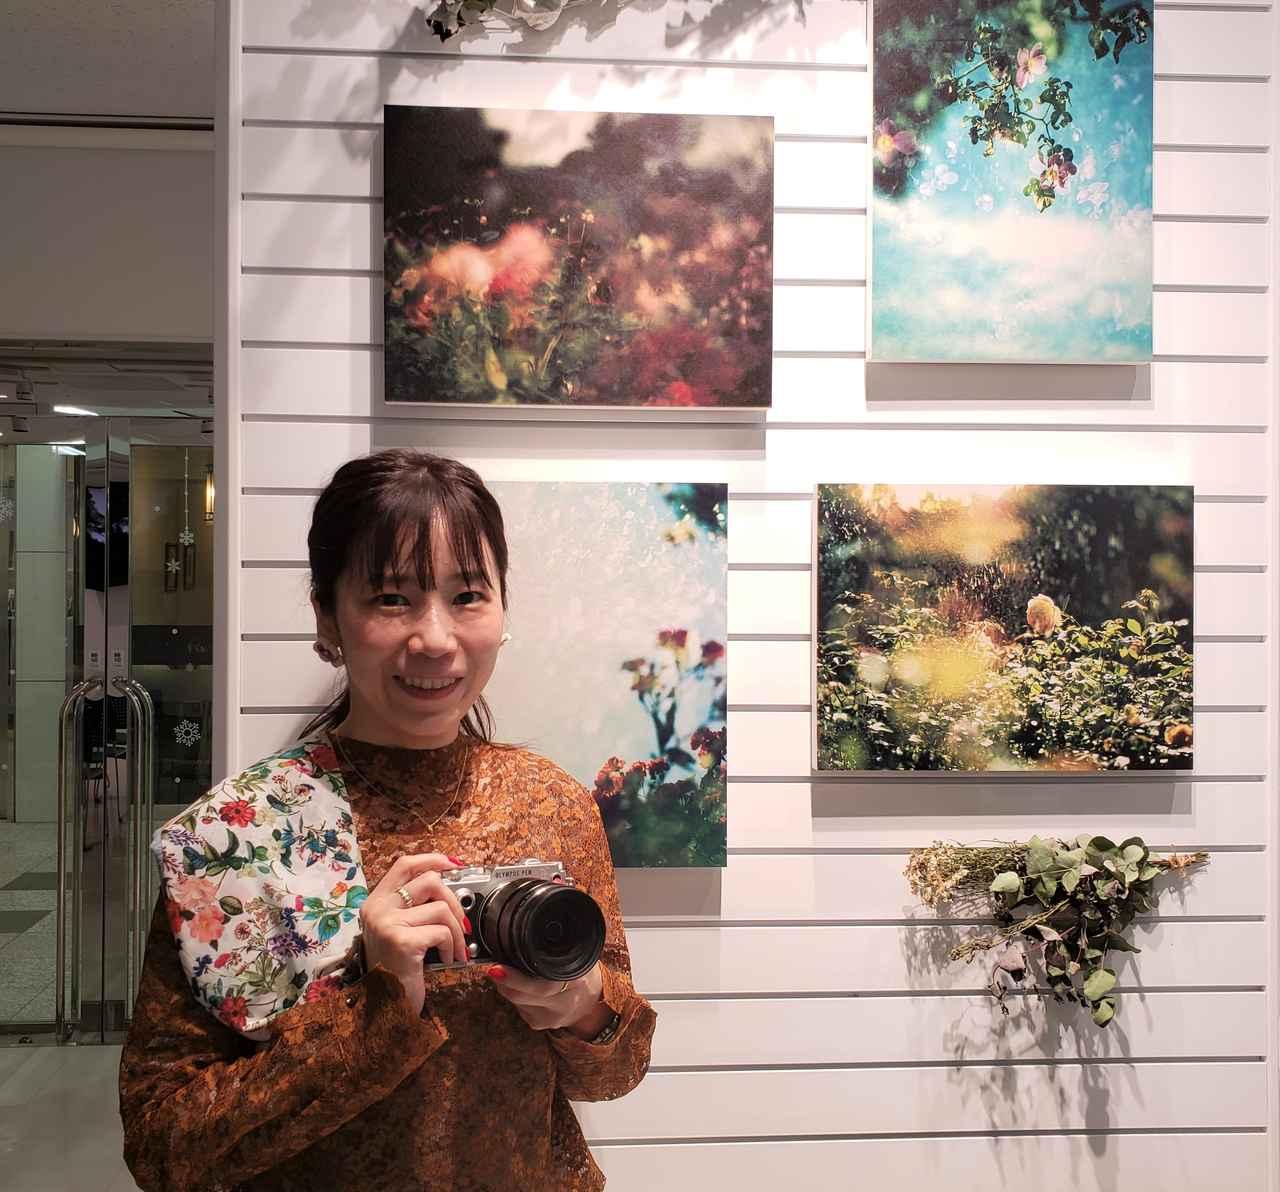 画像: 写真家 市ノ川倫子さん。歴史のあるものや言葉、アートもファッションも大好きという市ノ川さんは、平日は、会社員として働きながら、週末の時間を使って作品を撮り続けているそうです。